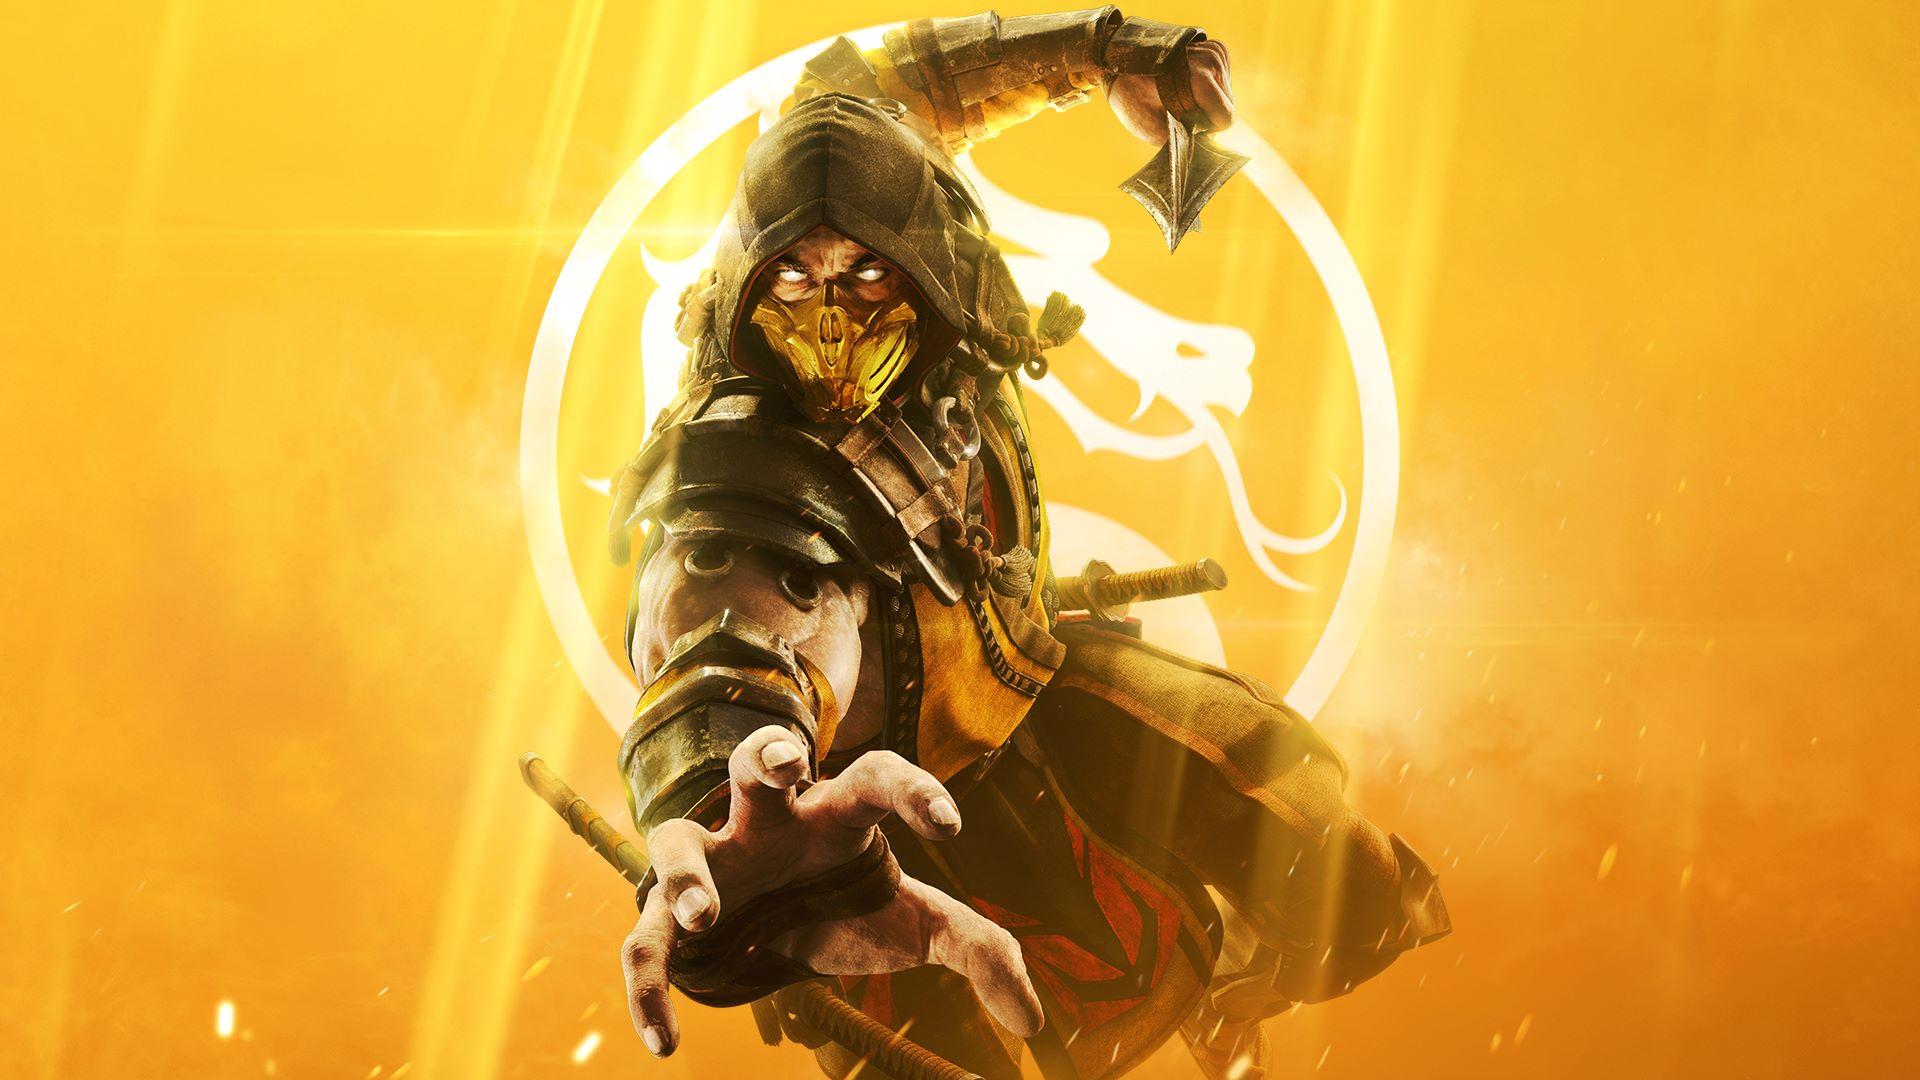 Mortal Kombat 11 festeggia il giorno di San Patrizio con un evento gratuito in-game